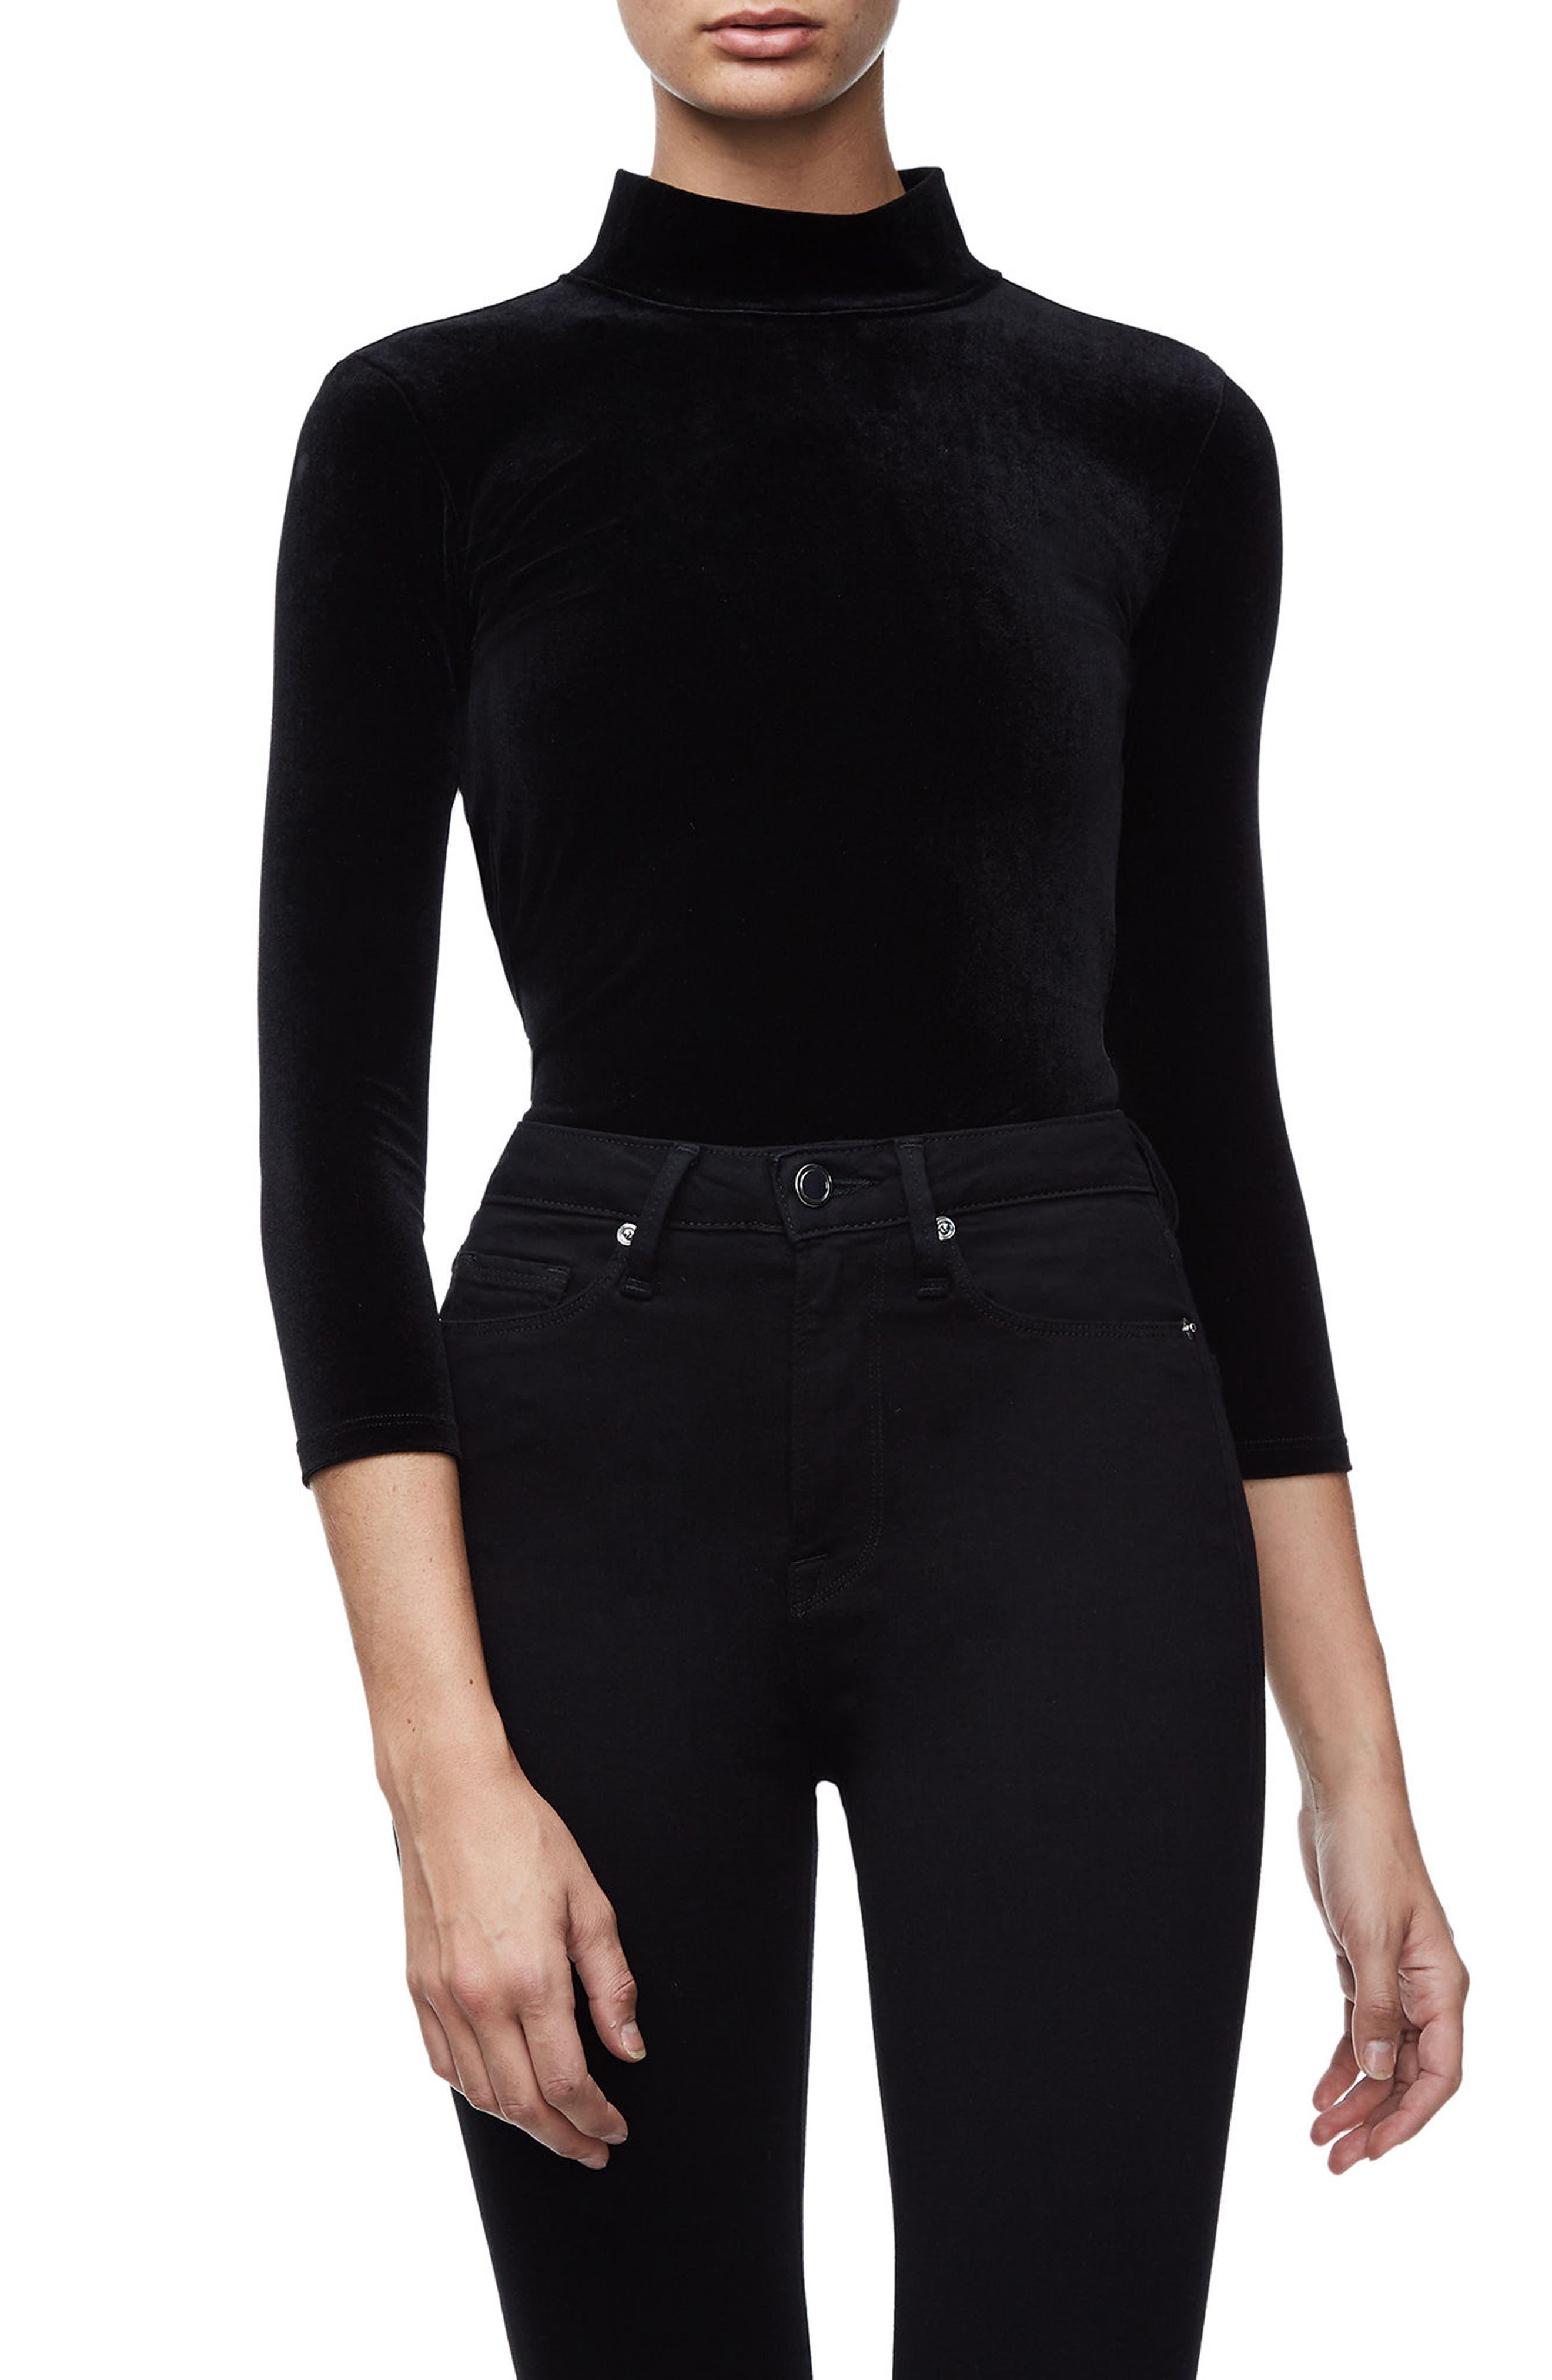 Main Image - Good American Backless Velvet Bodysuit (Regular & Plus Size)